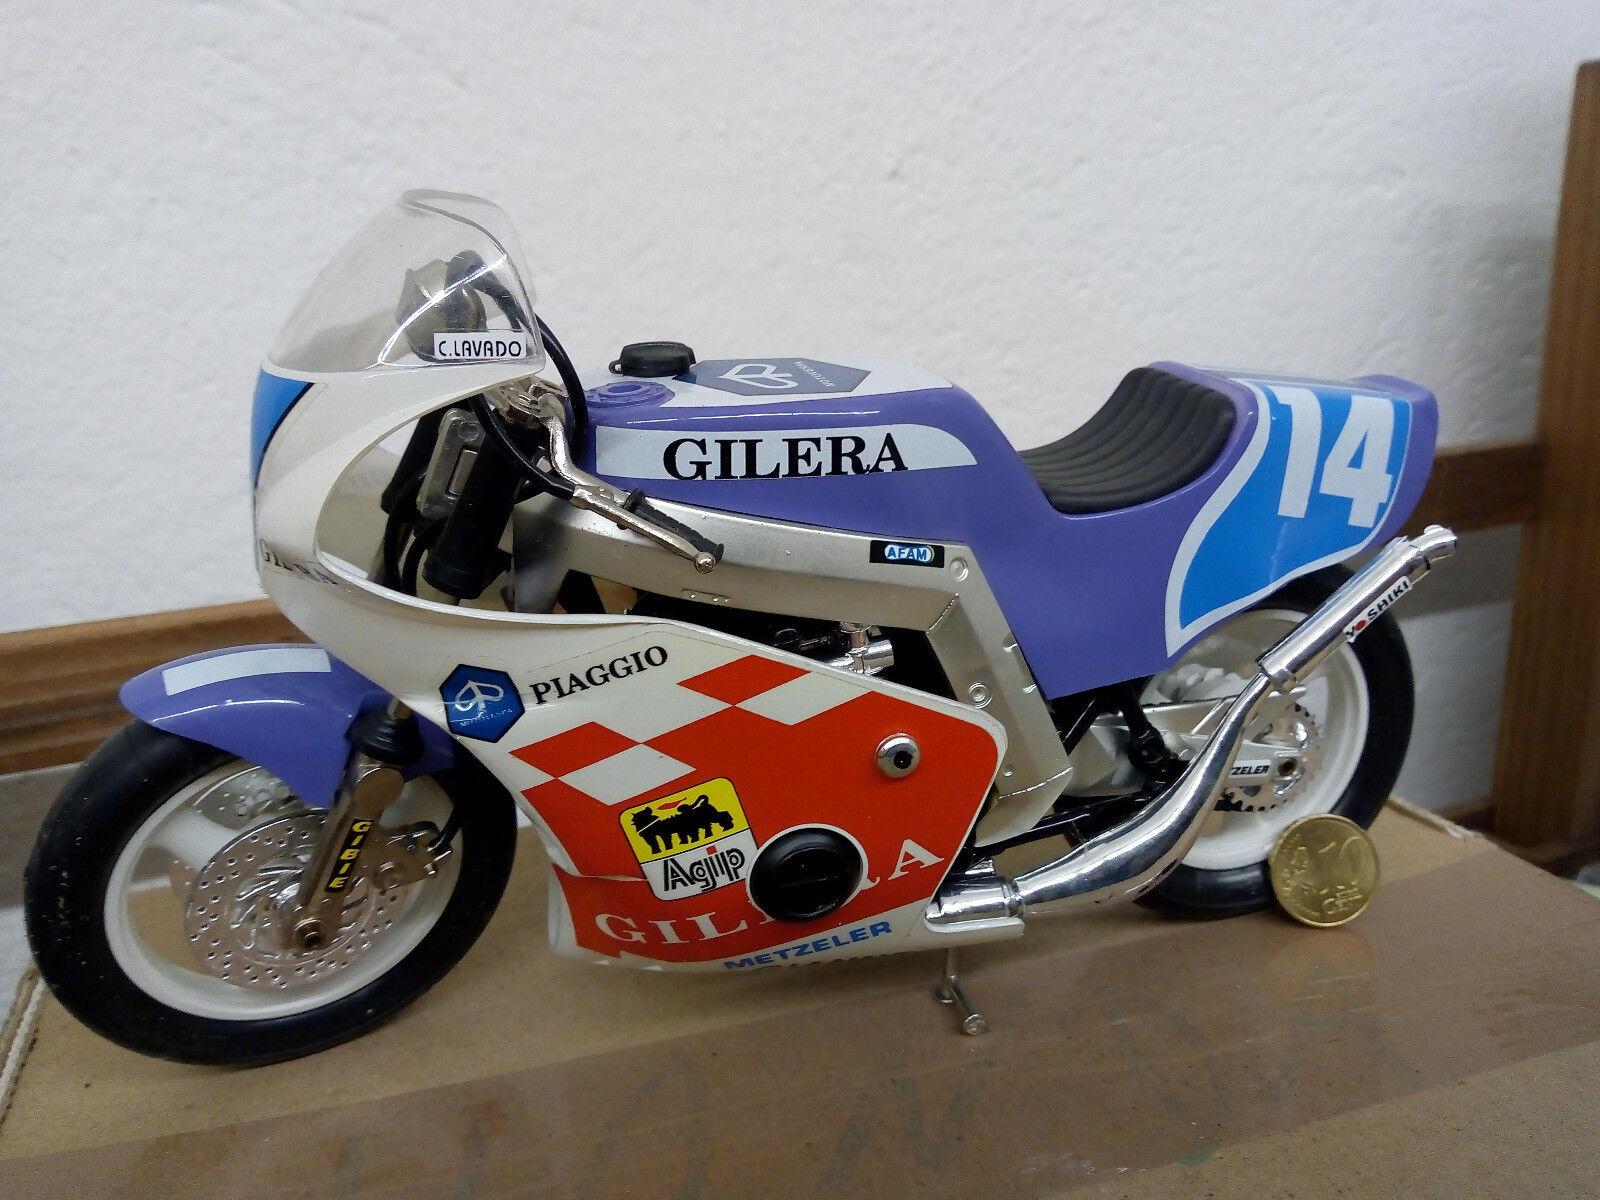 GILERA RACING 250cc C. Lavado (Aprilia RSV 250) Super Modèle 1 10, Guiloy QUALITE